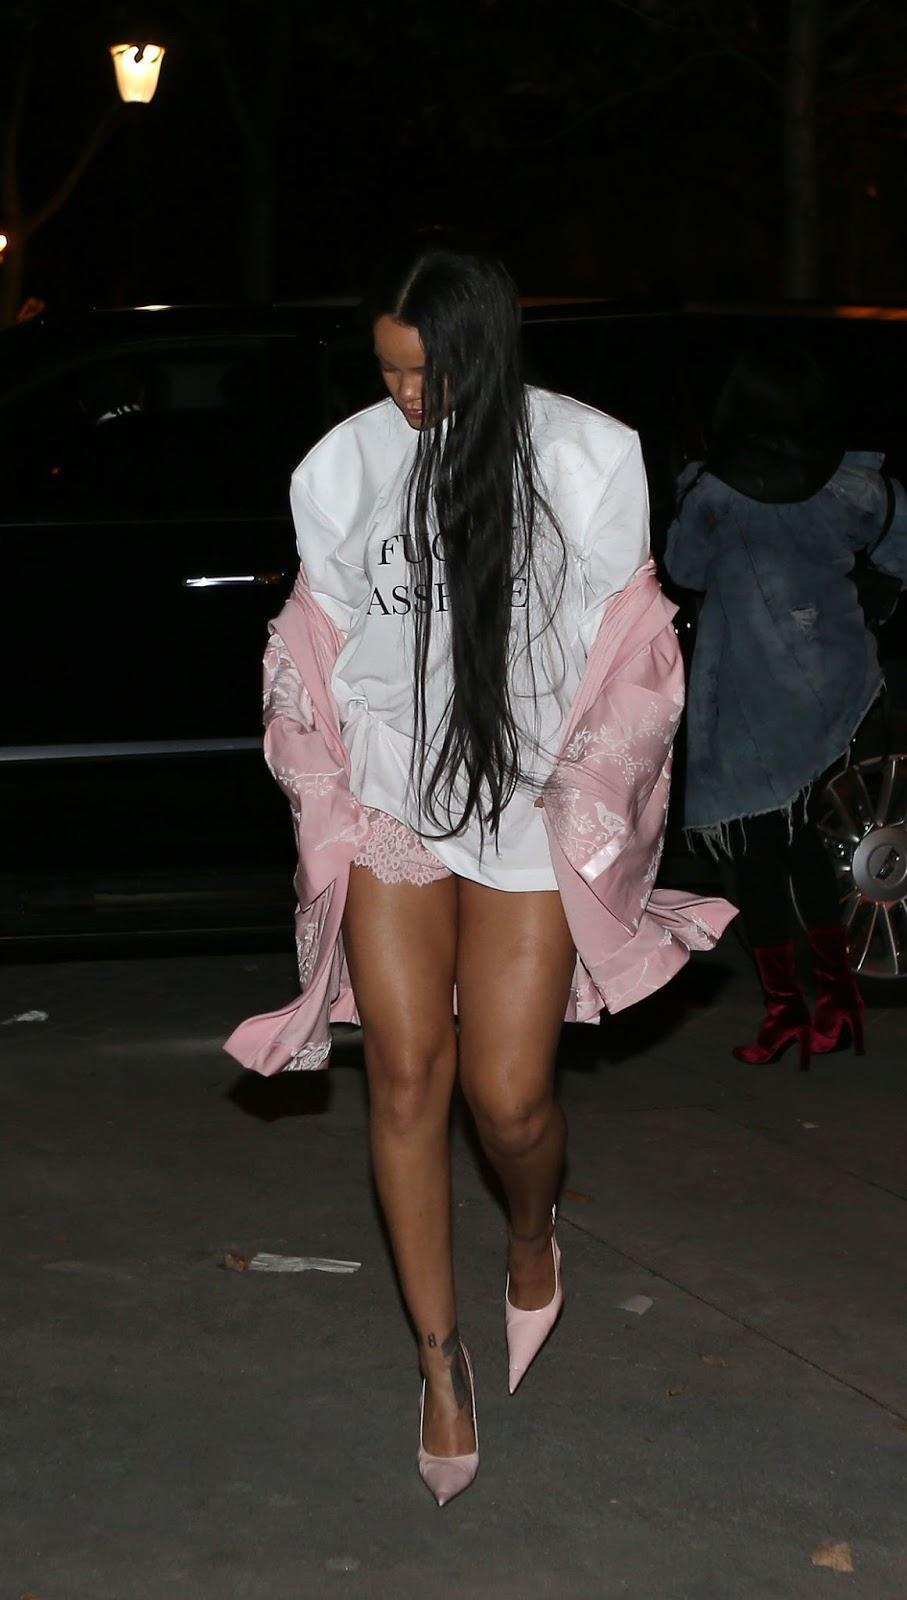 Rihanna Show Off Her Legs in Shors Dress